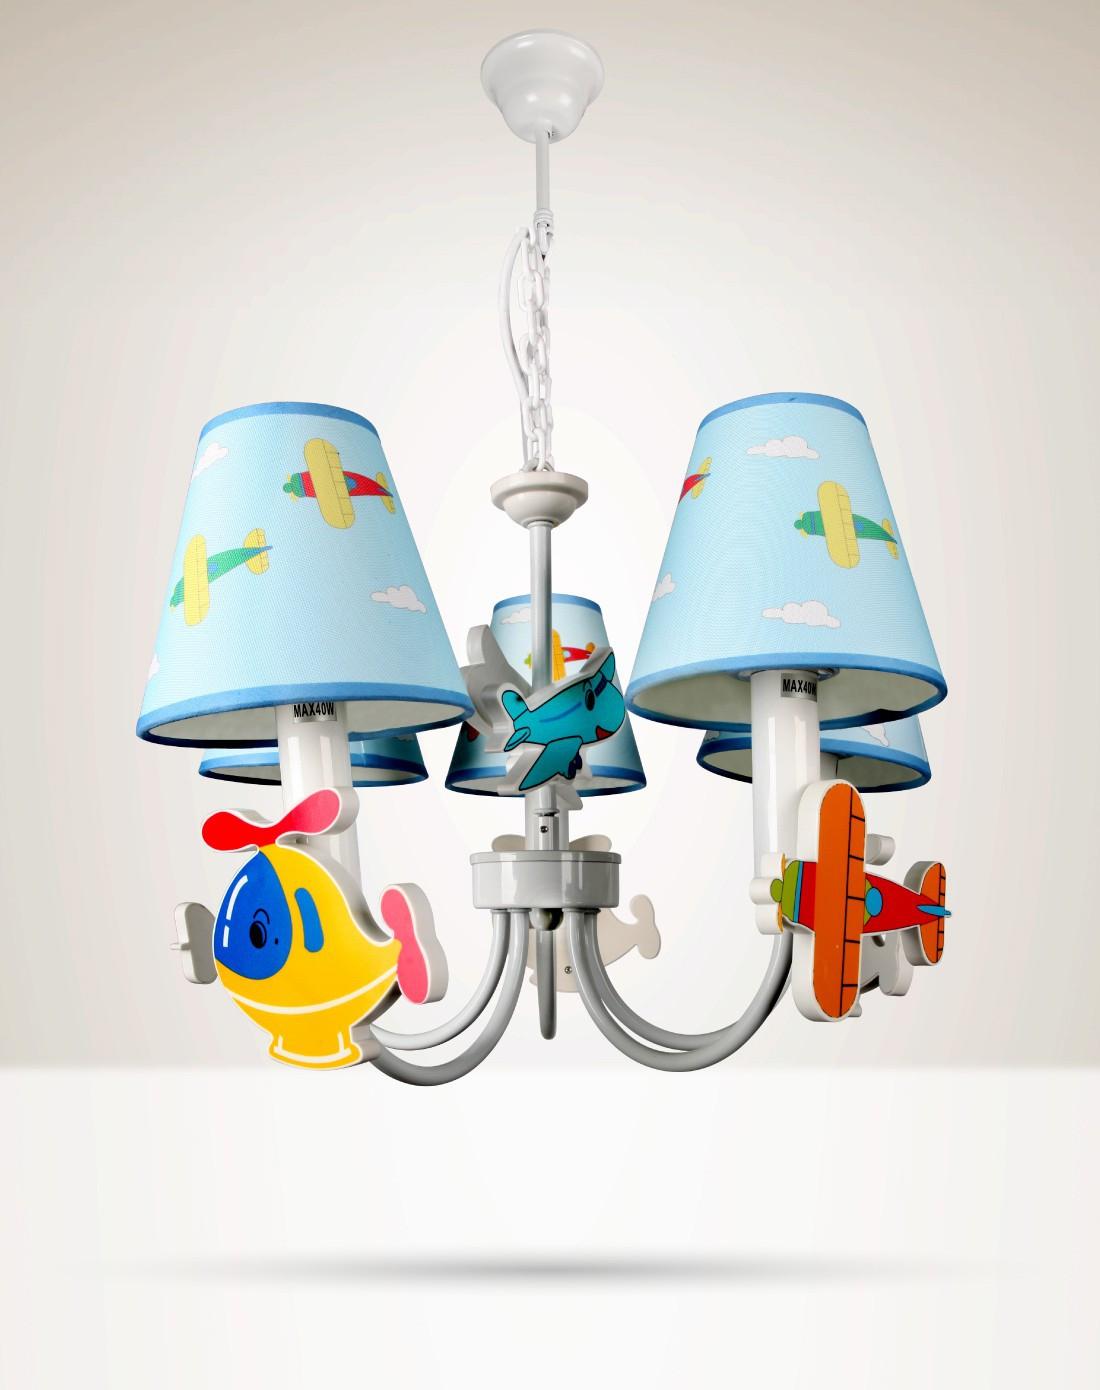 飞机系列吊灯创意卡通立体造型五座送光源